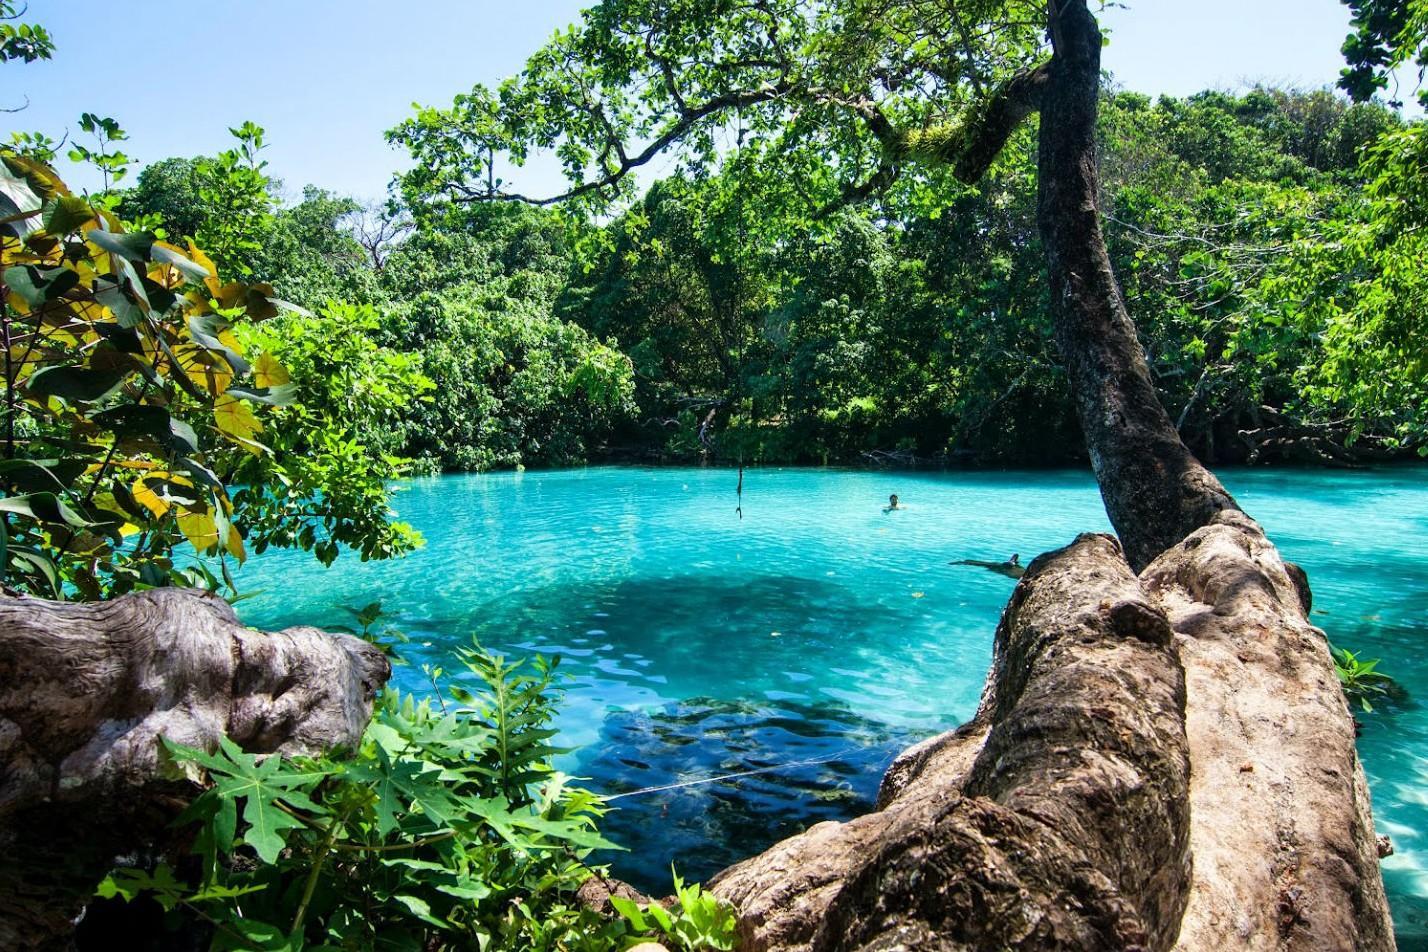 De 5 mooiste natuurlijke zwembaden ter wereld - Blue hole in Espiritu Santo